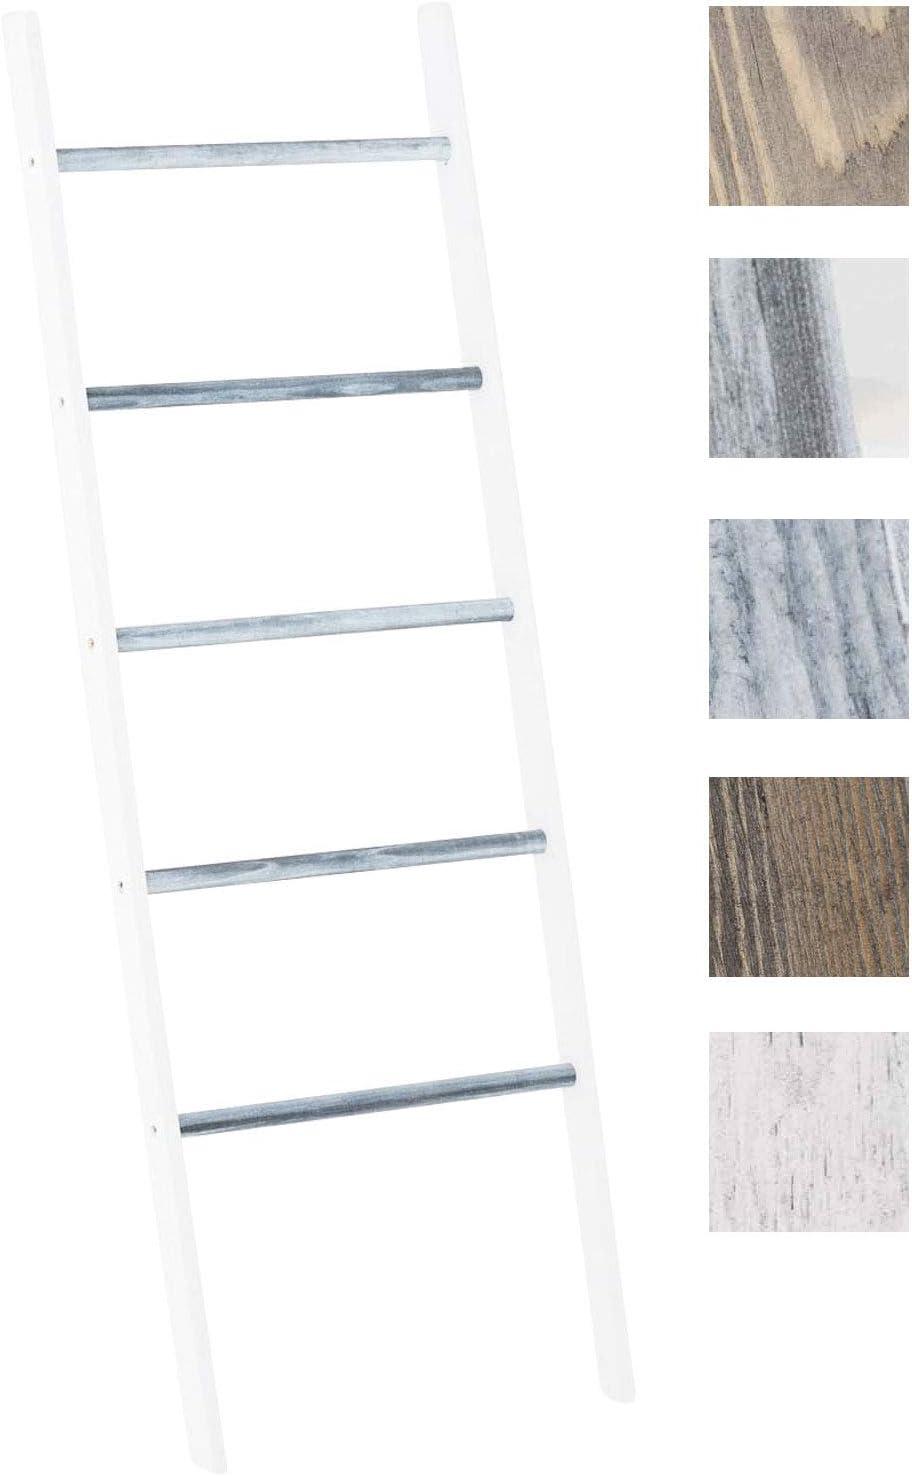 CLP Escalera de Madera Mariette V2 I Escalera Decorativa con 5 Peldaños I Toallero en Estilo Rústico I Escalera Multiusos Decorativa I Color: Blanco/Gris: Amazon.es: Hogar